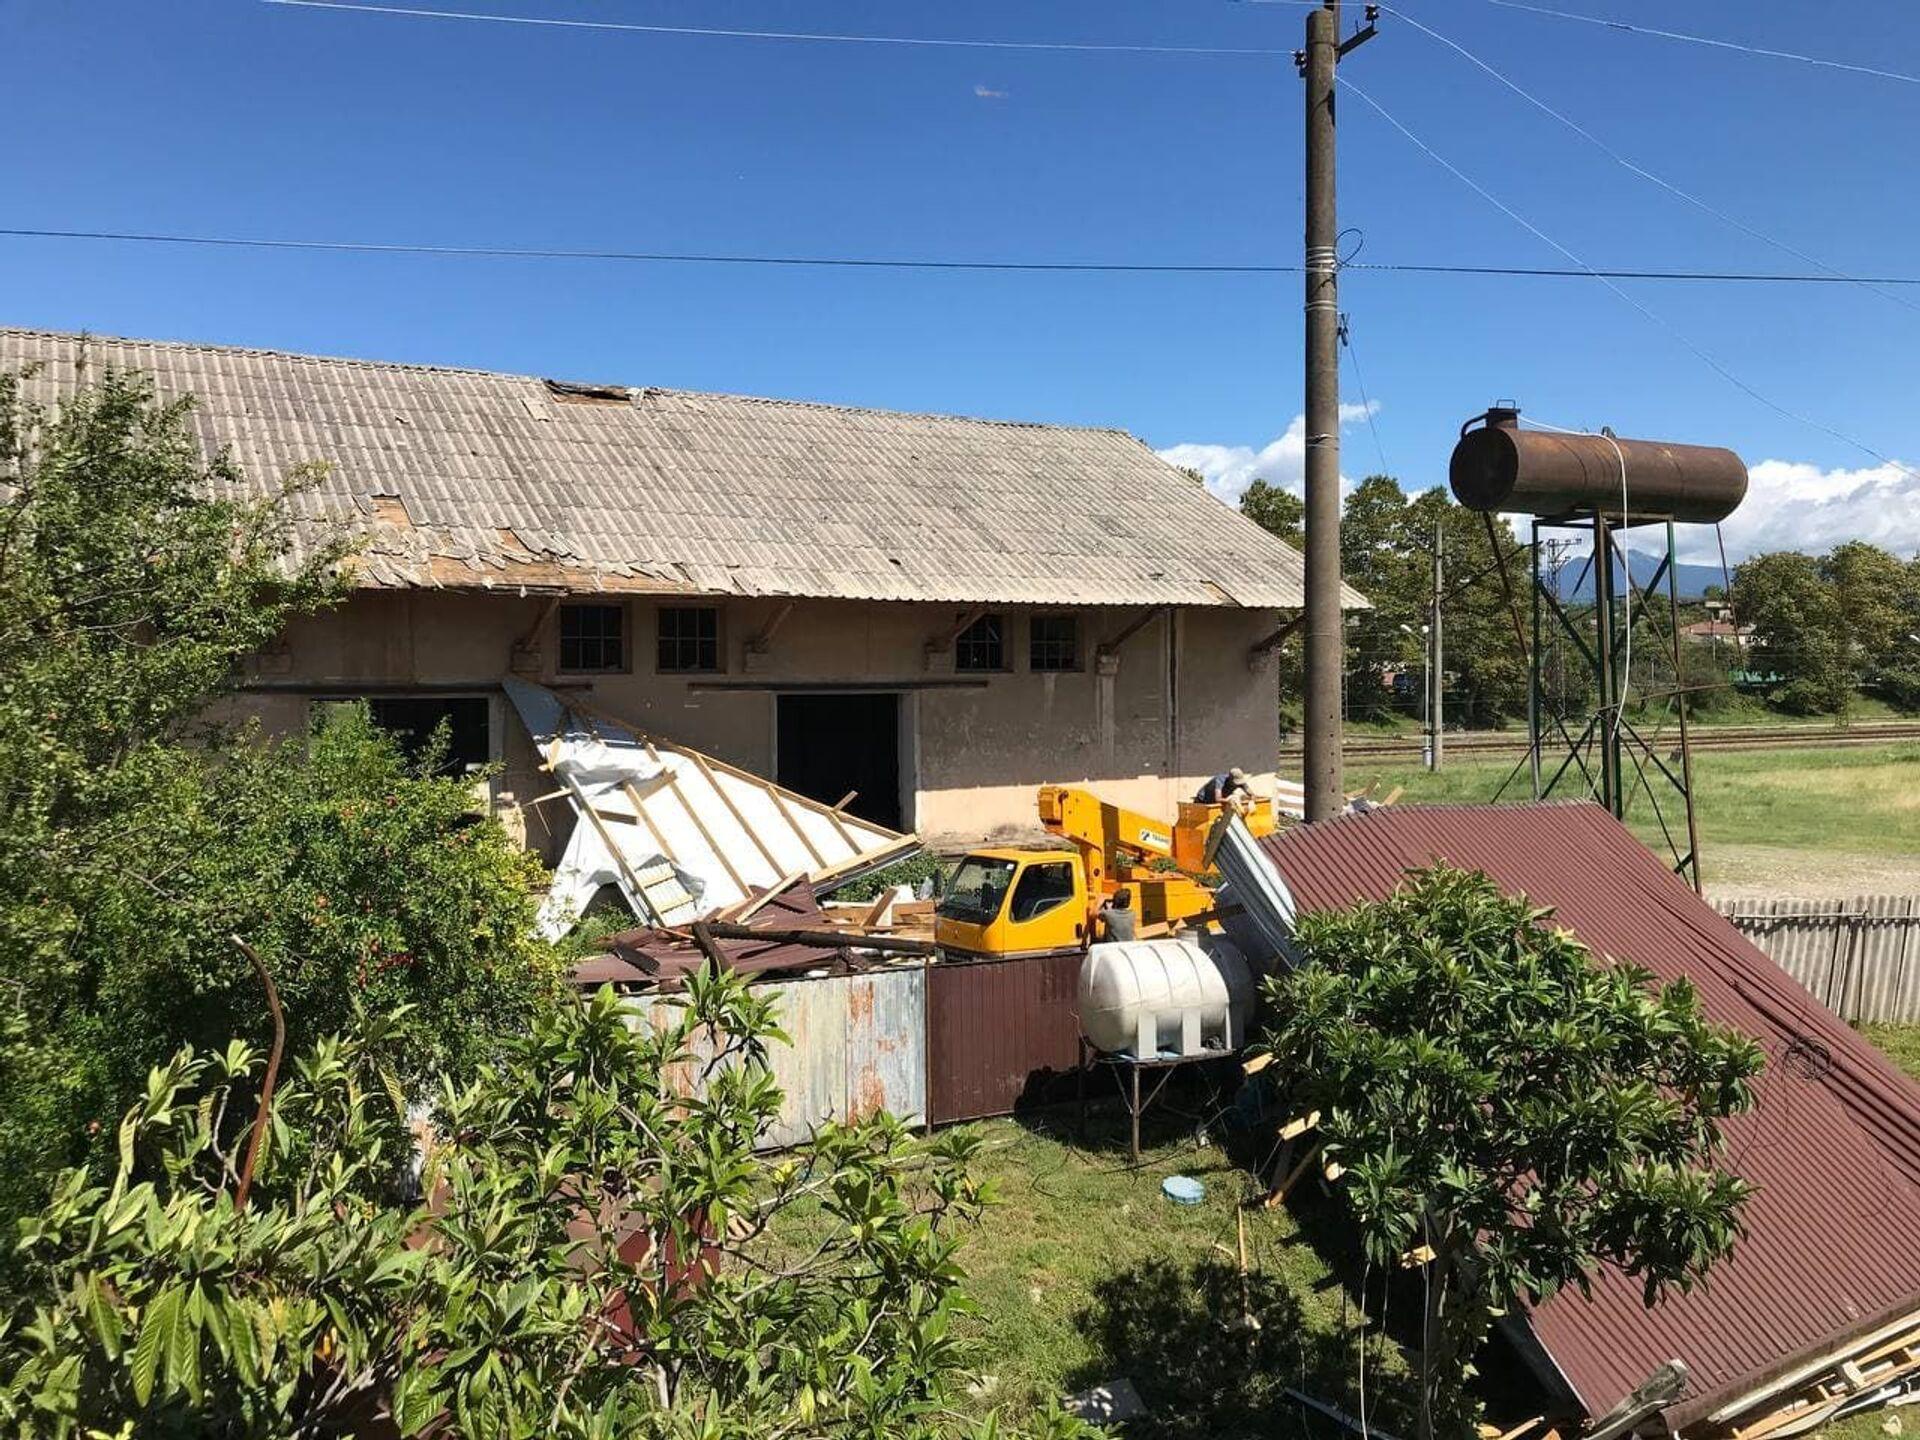 Ветер сорвал крыши с частных домов в Гудауте   - Sputnik Абхазия, 1920, 12.10.2021